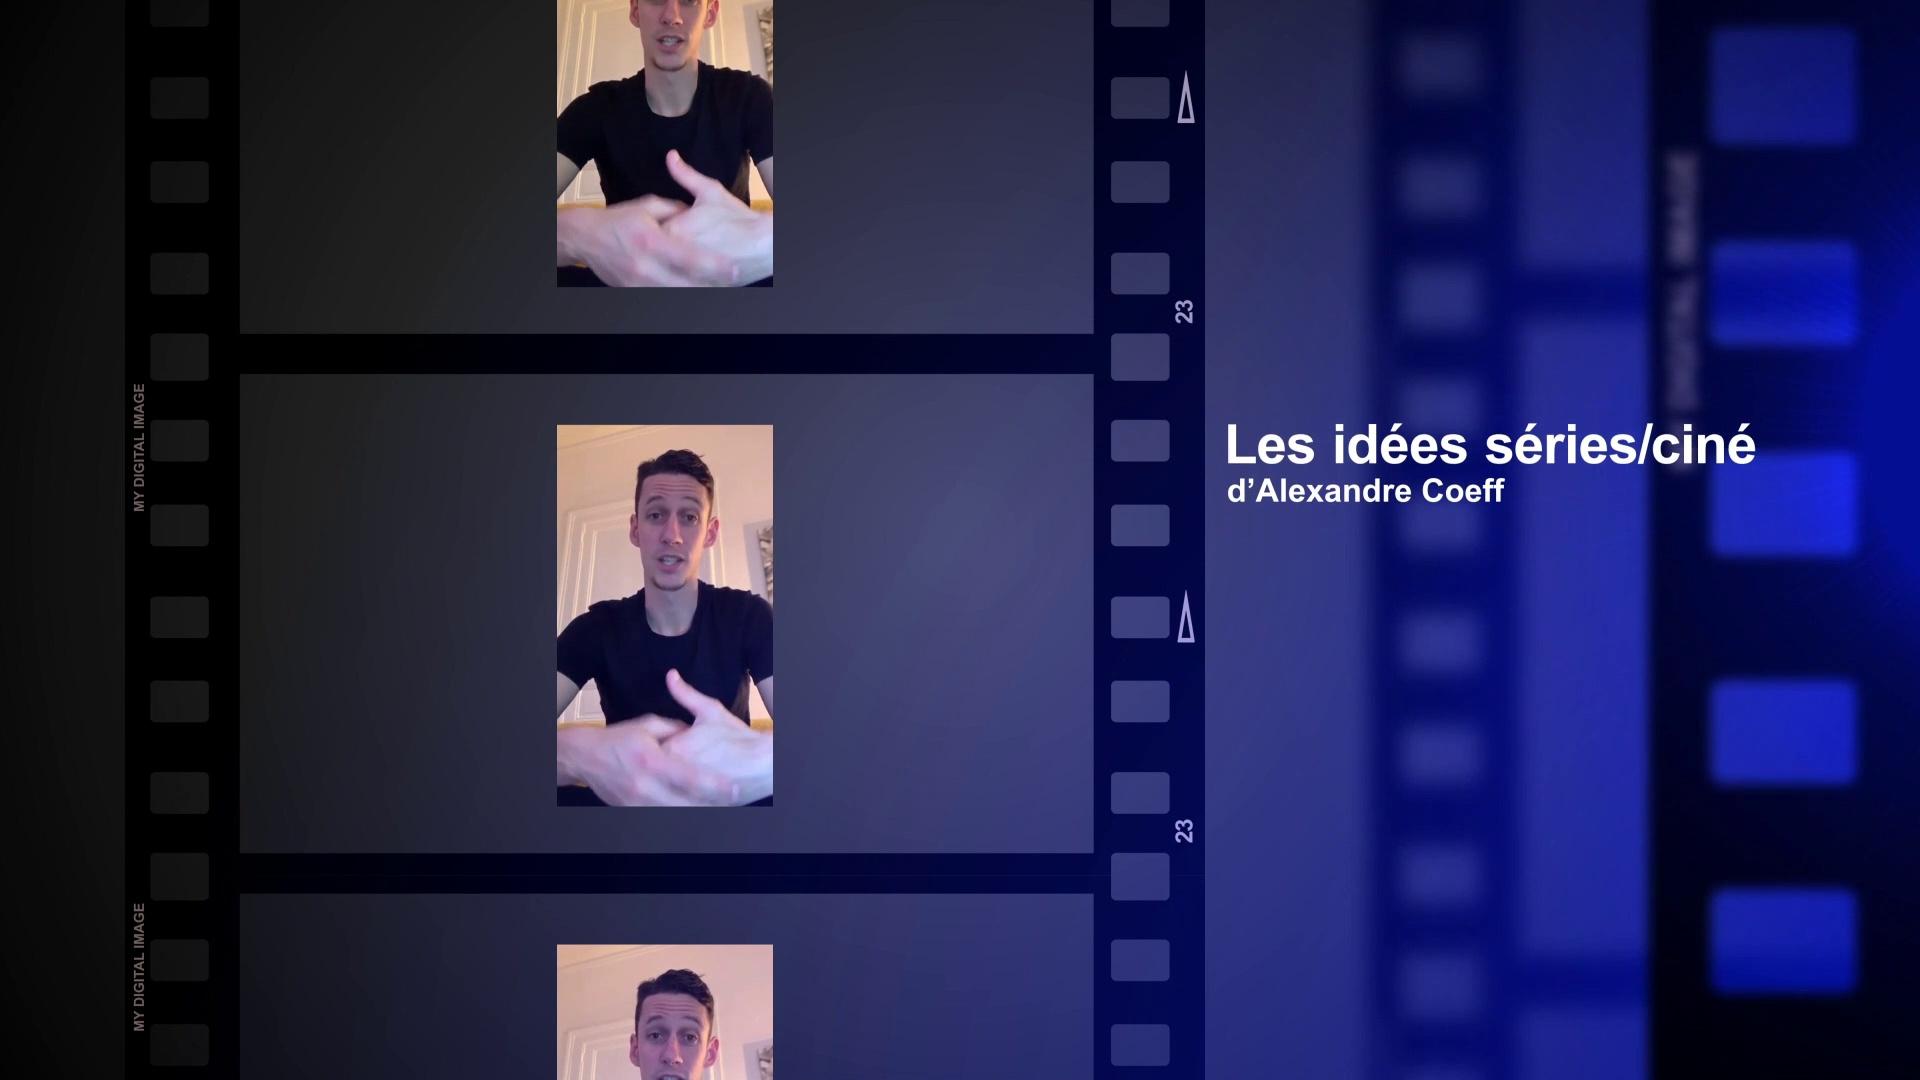 Les idées séries/ciné d'Alexandre Coeff